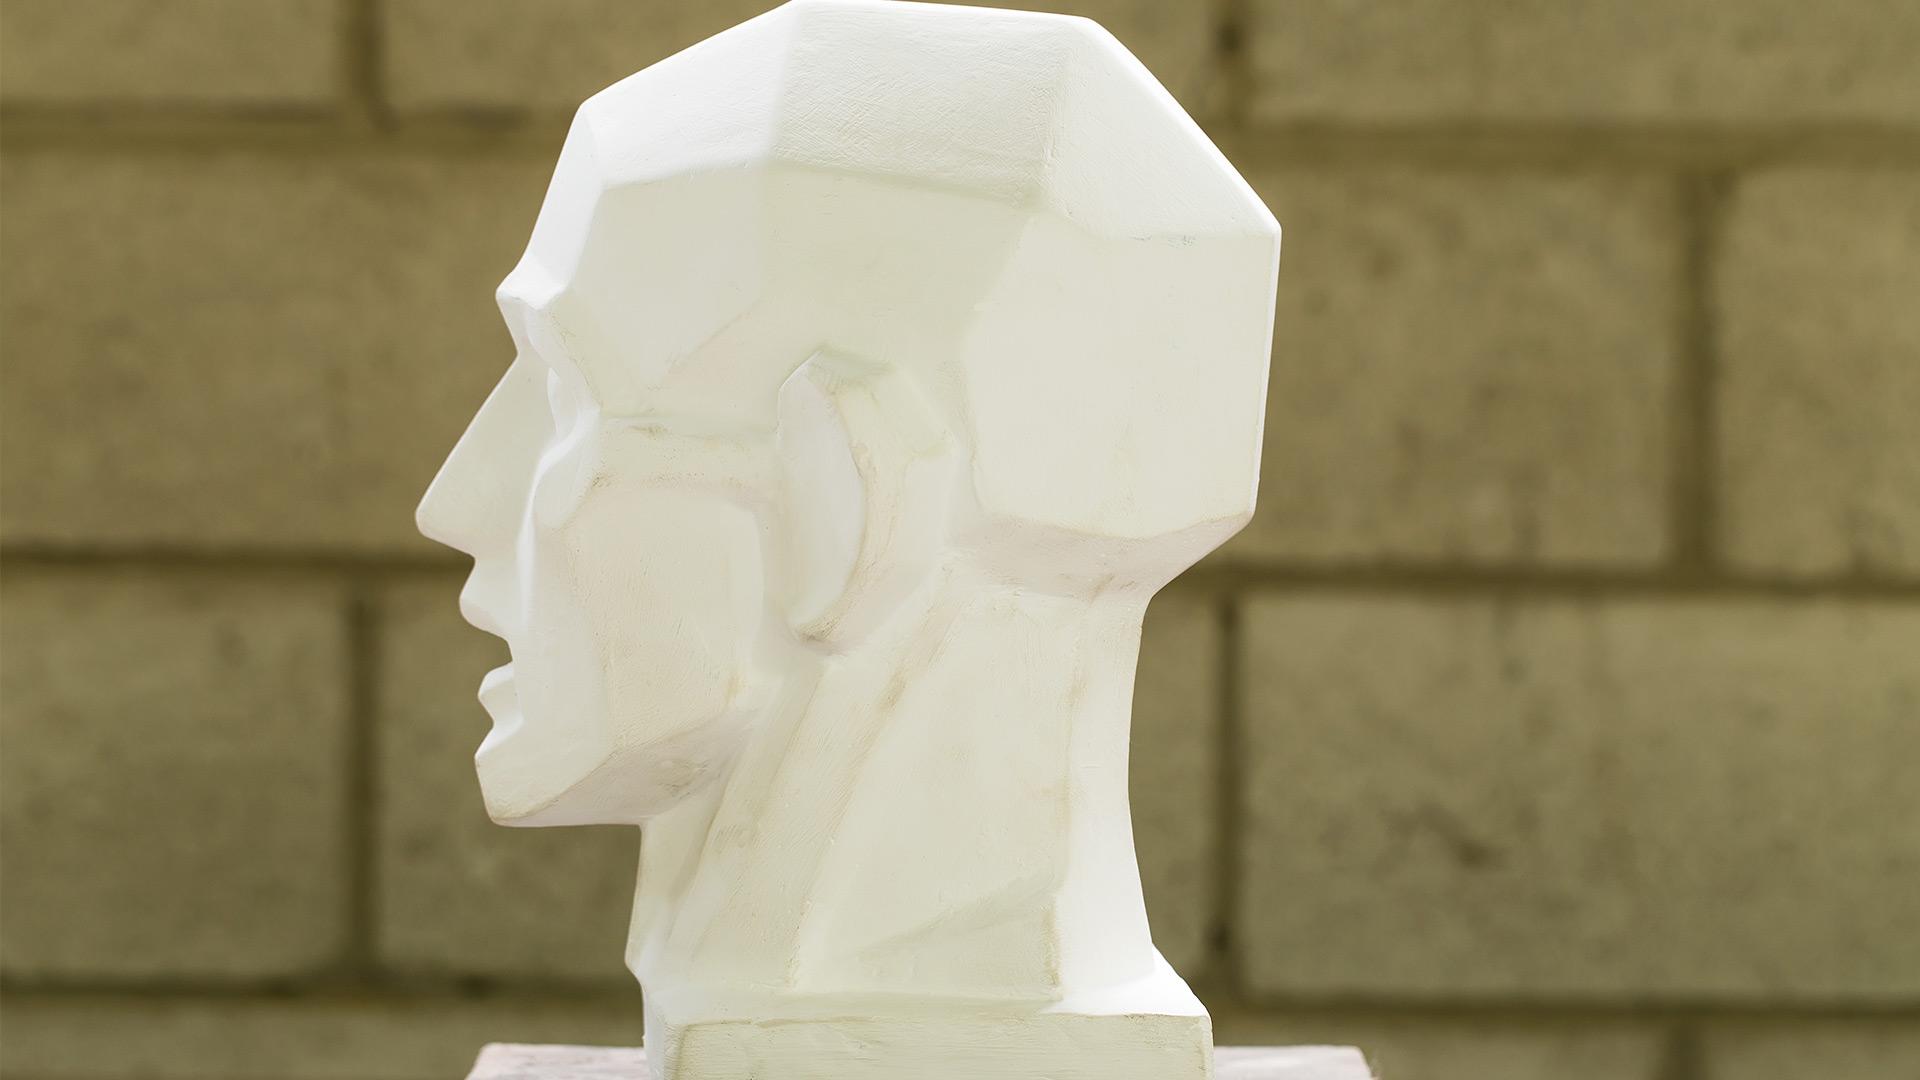 Servicio de Modelado 3D de Esculturas